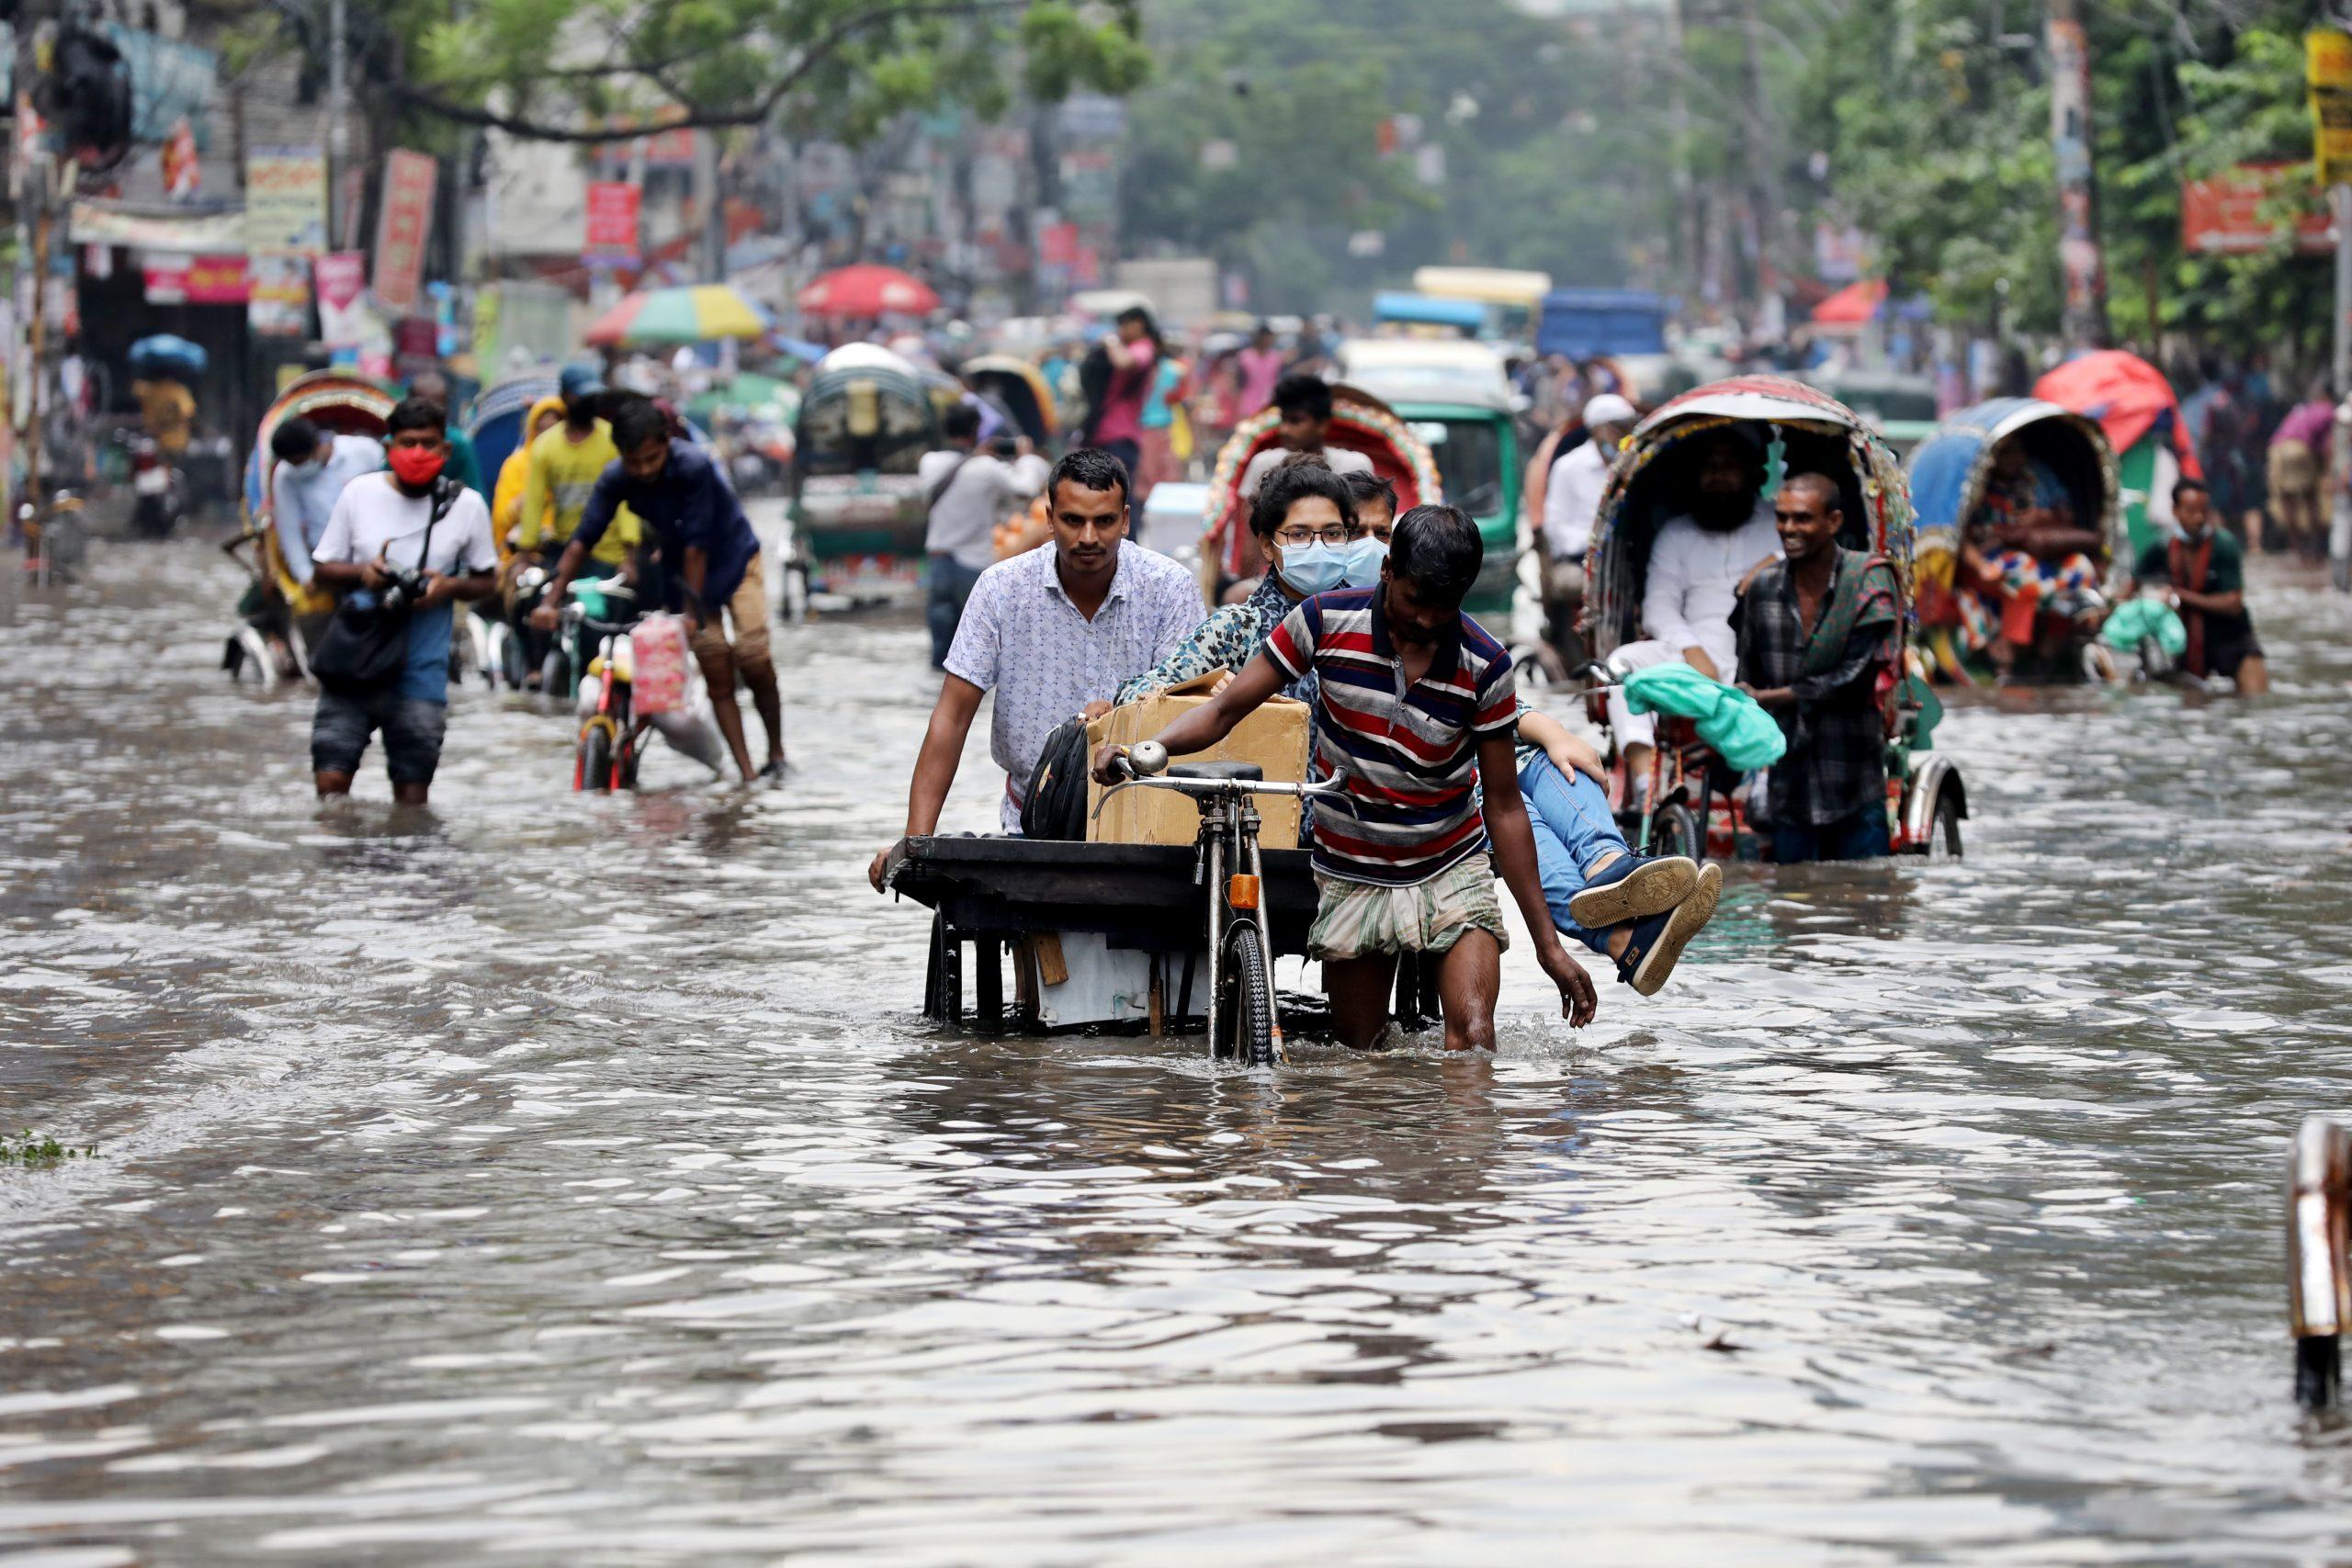 Sürdürülebilir Sigorta: Dünya Ekonomisinin %57'si Sel Riskiyle Karşı Karşıya